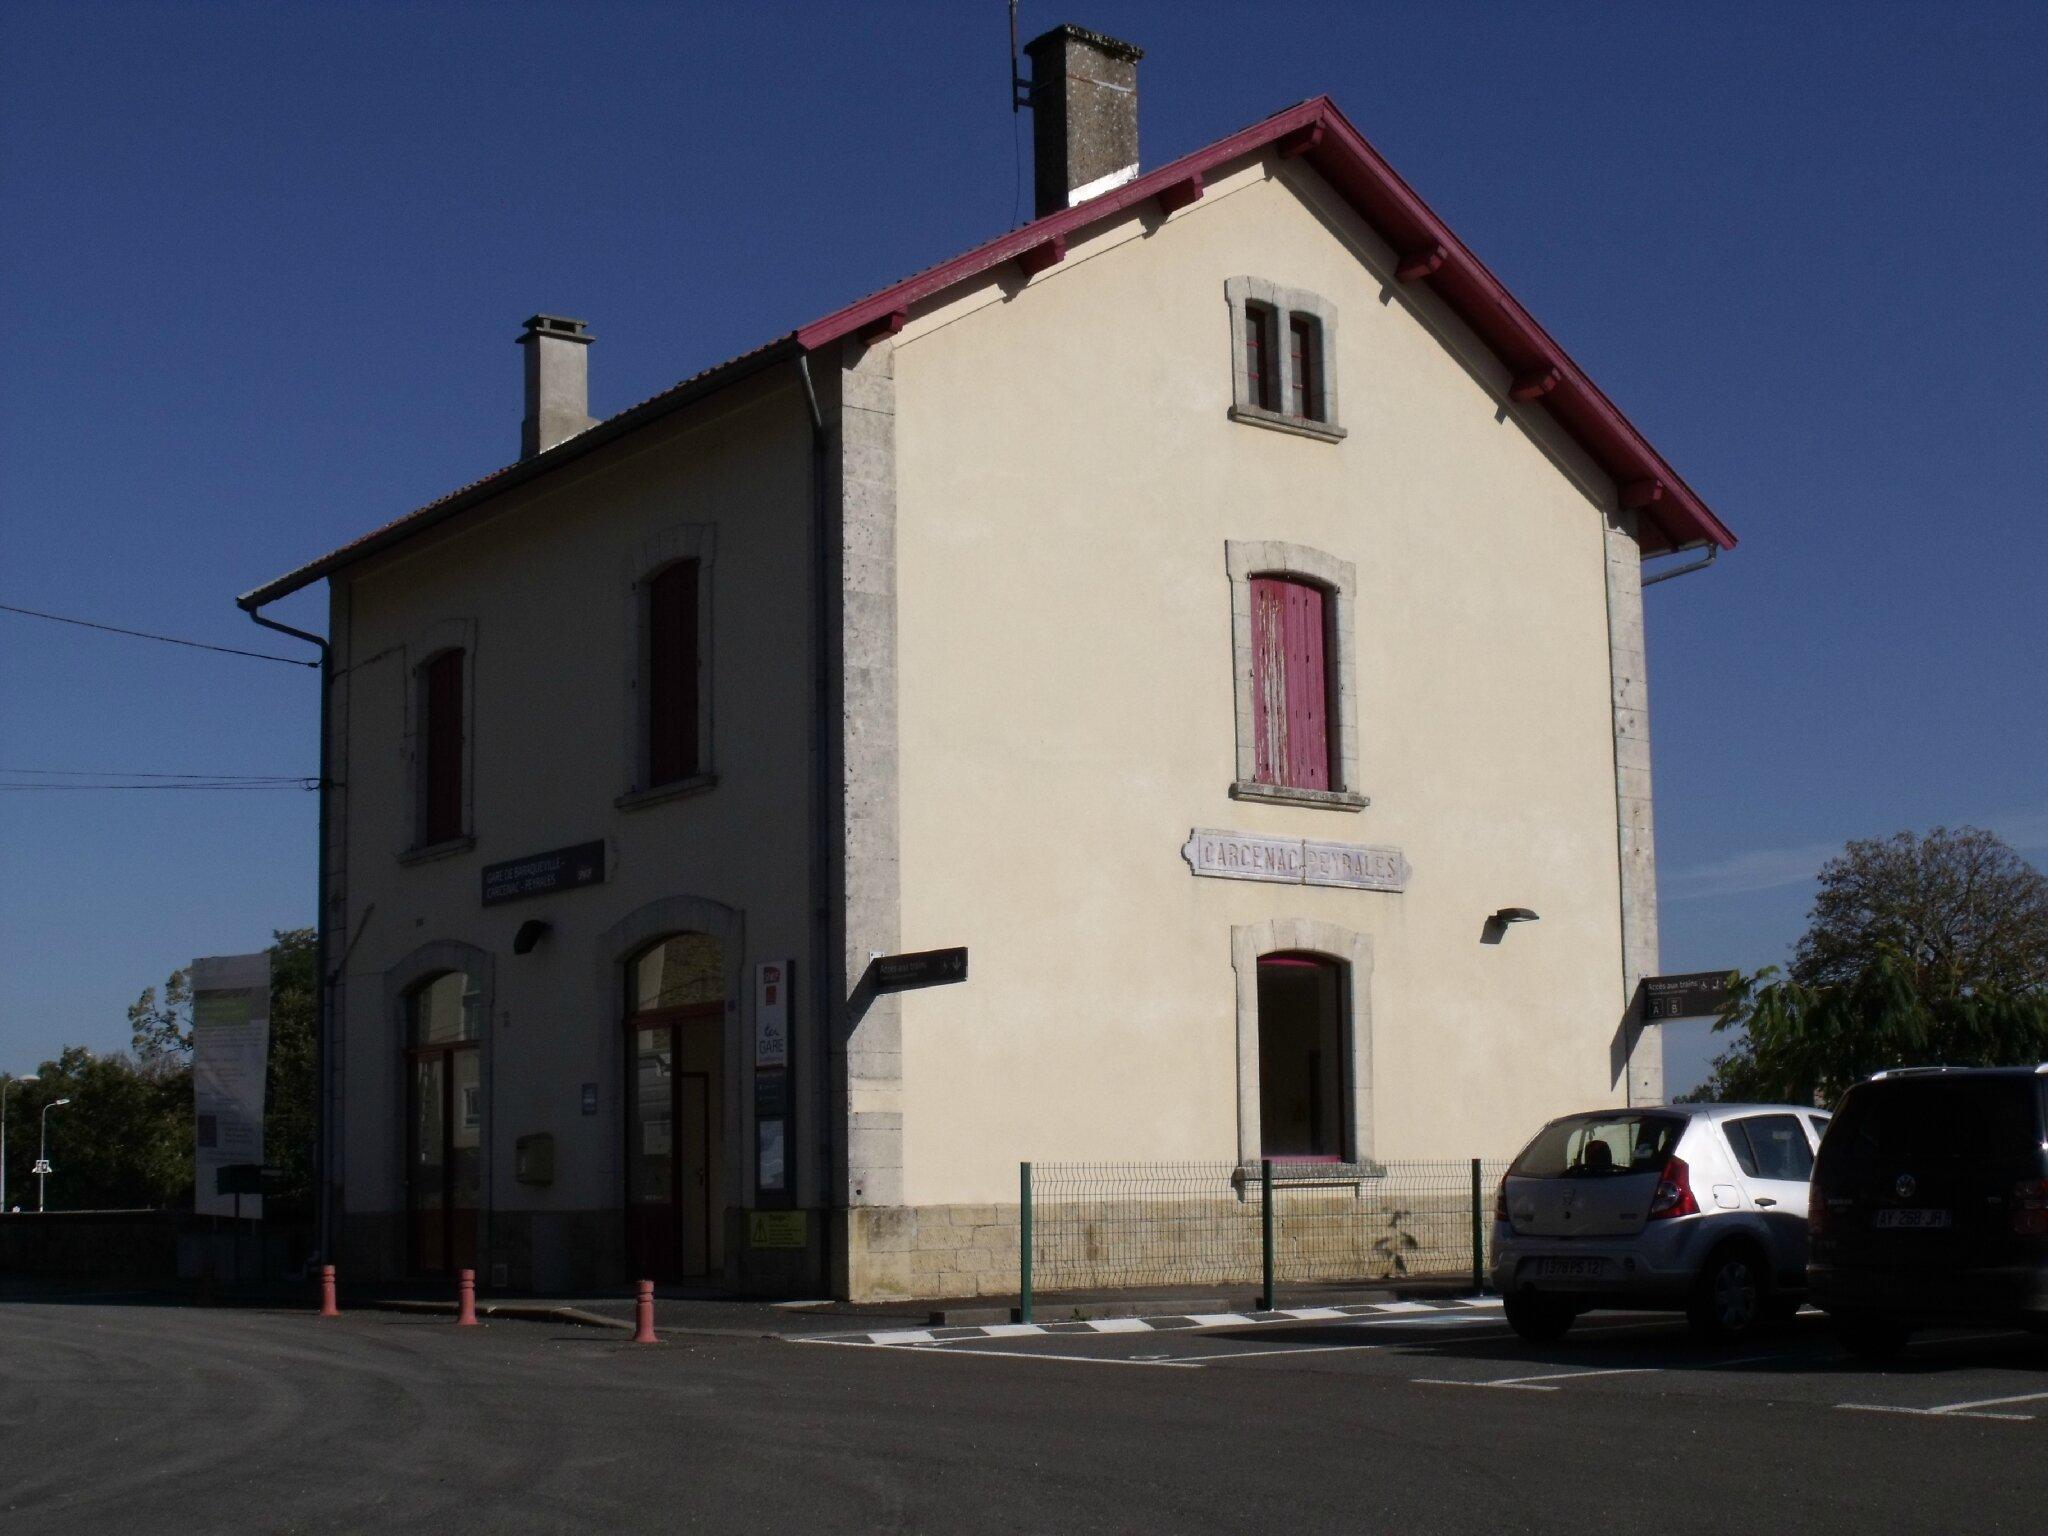 Baraqueville - Carcenac - Peyralès (Aveyron - 12)